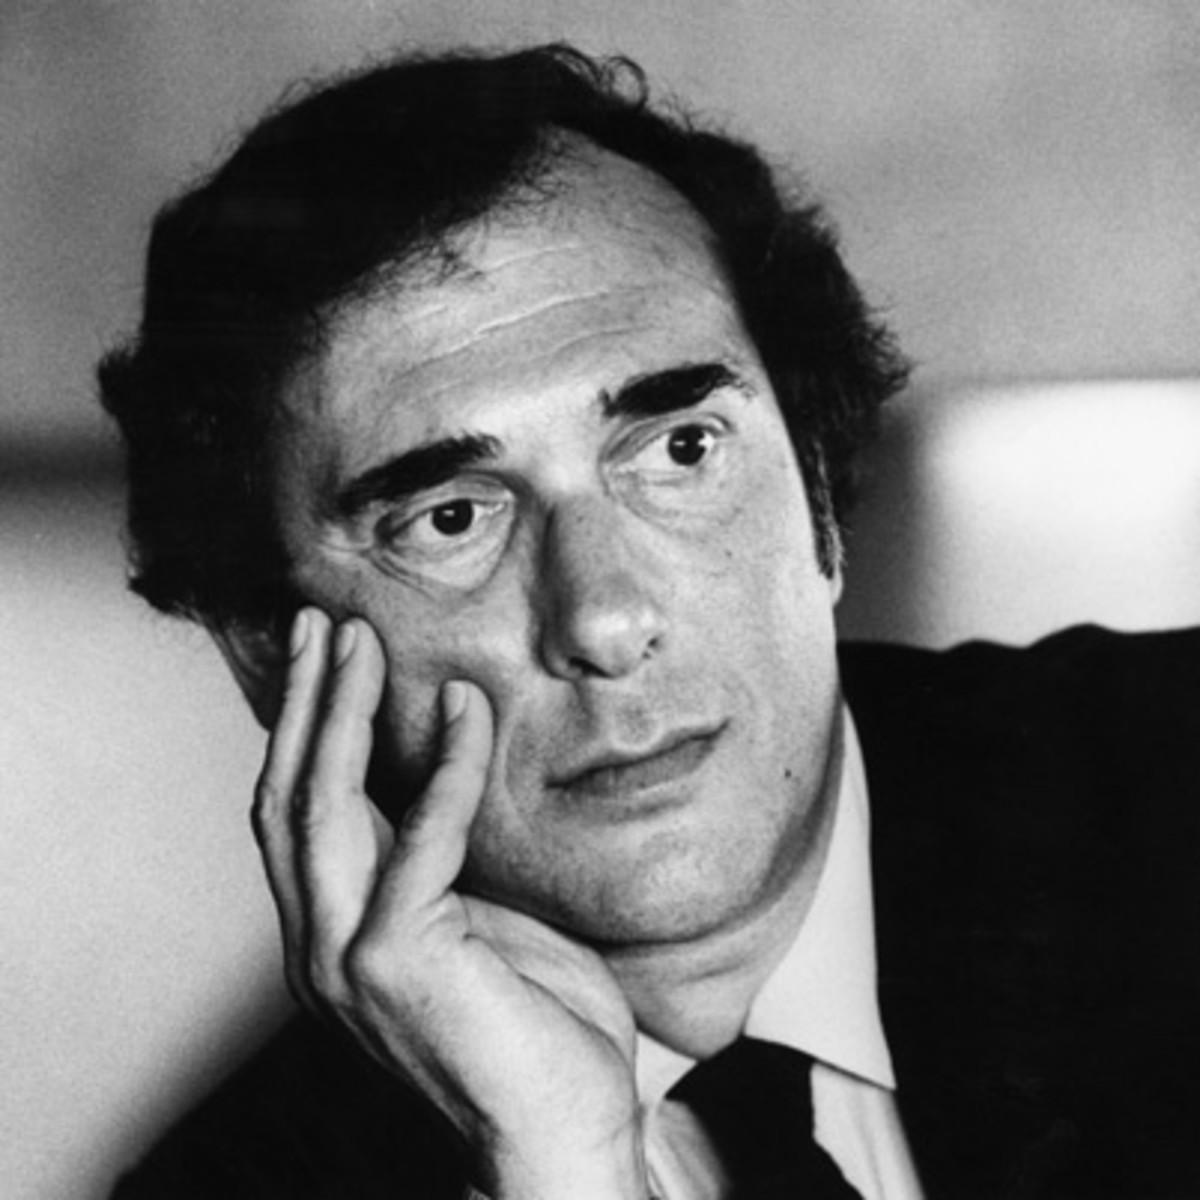 هارولد پینترHarold Pinter نویسنده، کارگردان و بازیگر انگلیسی (۱۹۳۰-۲۰۰۸) بود که شهرت او به سبب نمایشنامه هایش است.